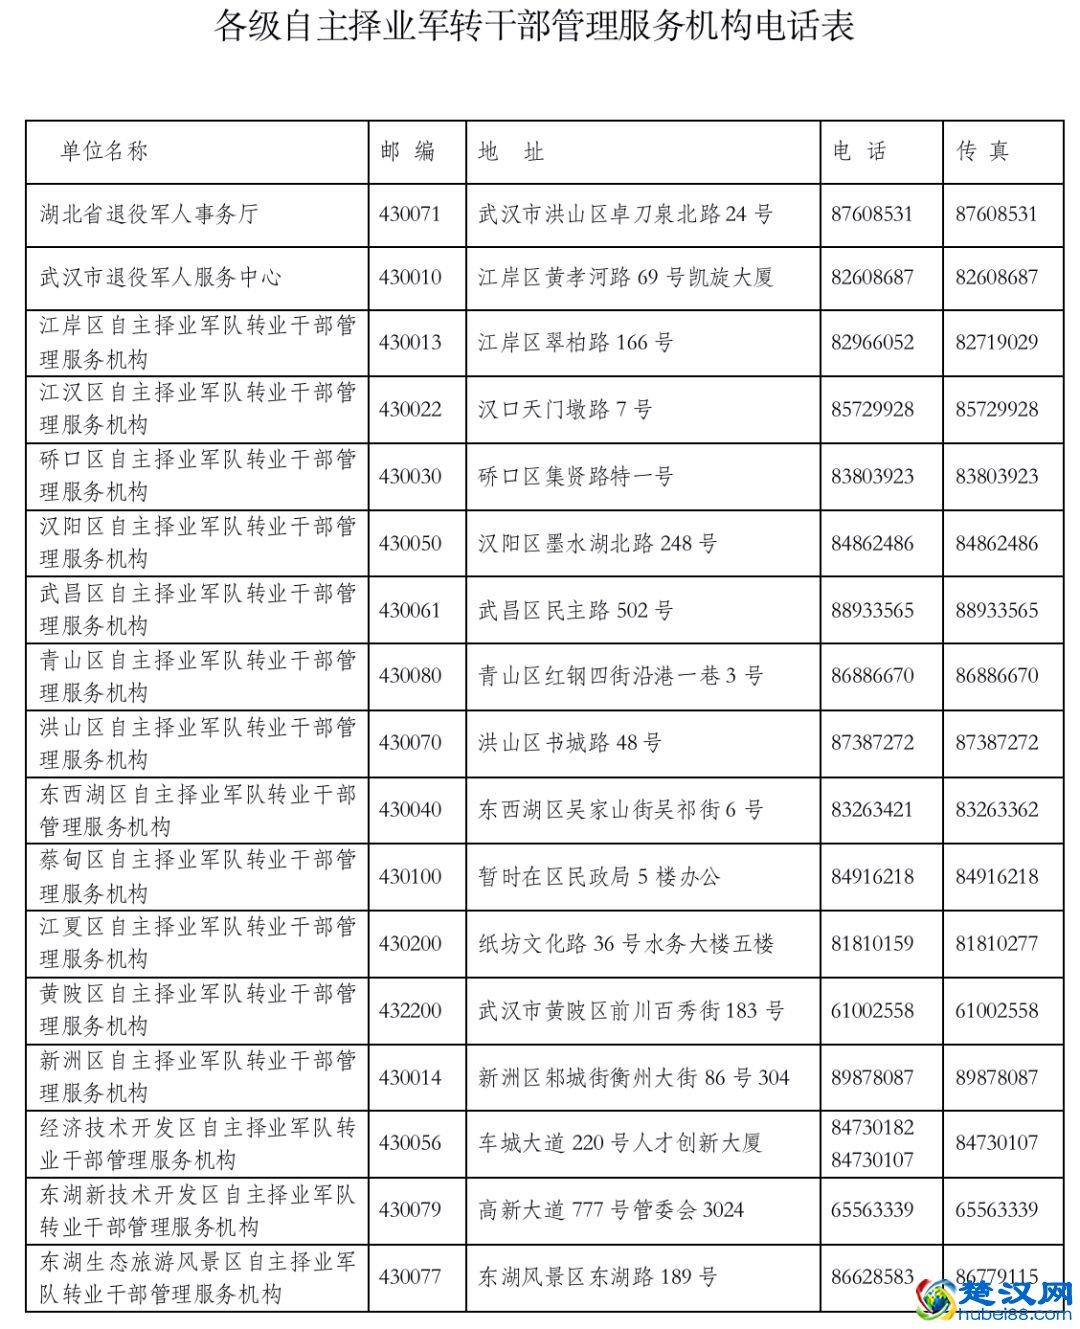 武汉退役军人住房补贴标准,武汉退役军